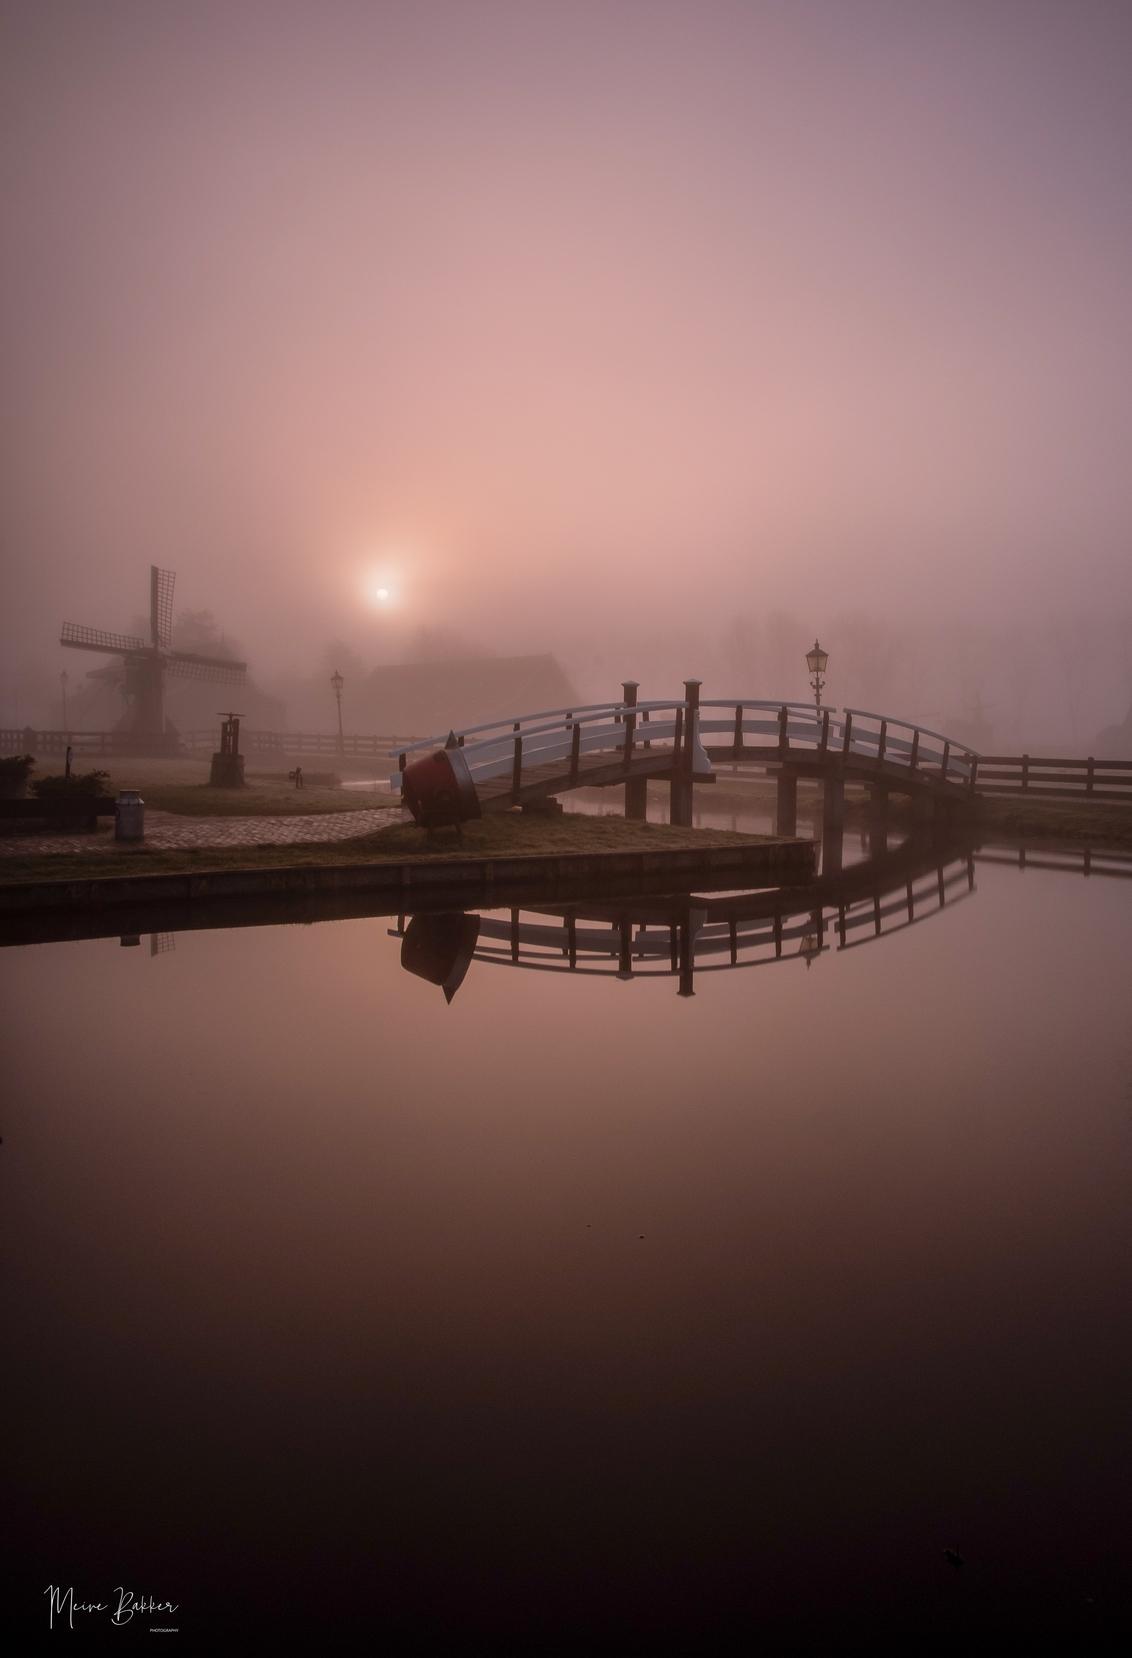 Zaanse Schans in de mist - - - foto door NolVerMei op 28-02-2021 - deze foto bevat: lucht, water, dijk, natuur, spiegeling, landschap, mist, tegenlicht, zonsopkomst, pier, molen